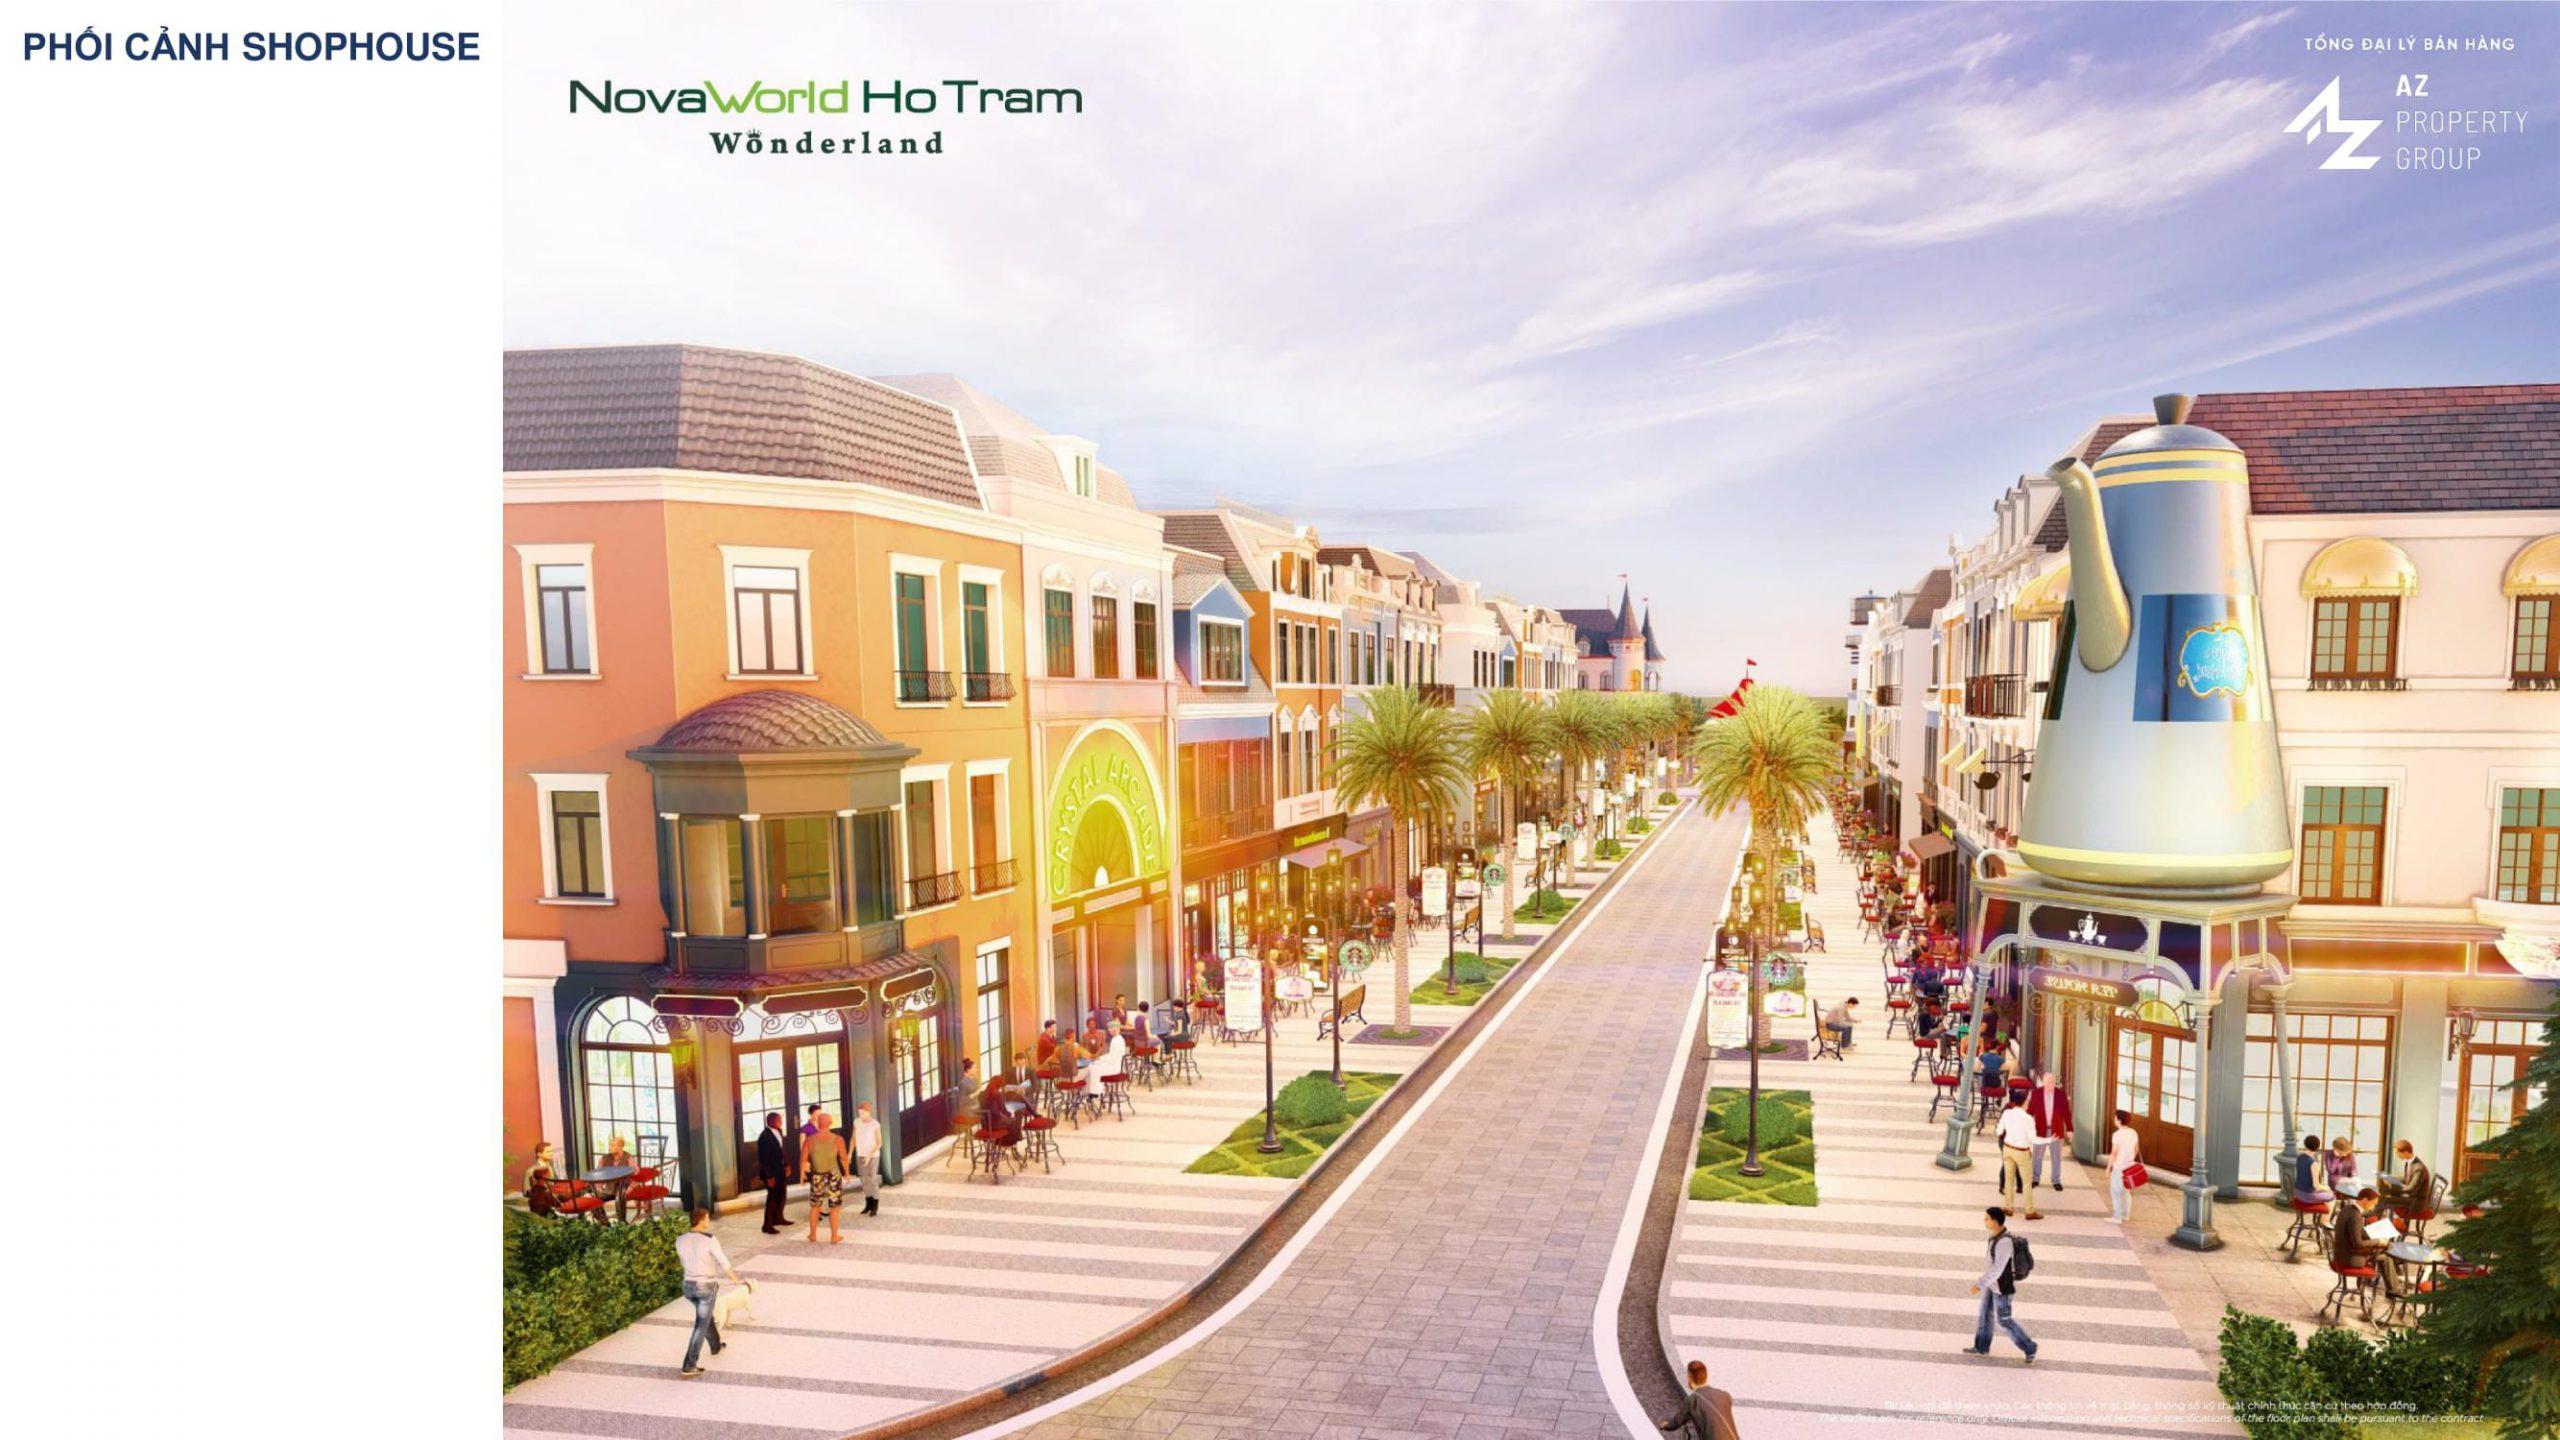 Tien Ich Novaworld Ho Tram Wonderland